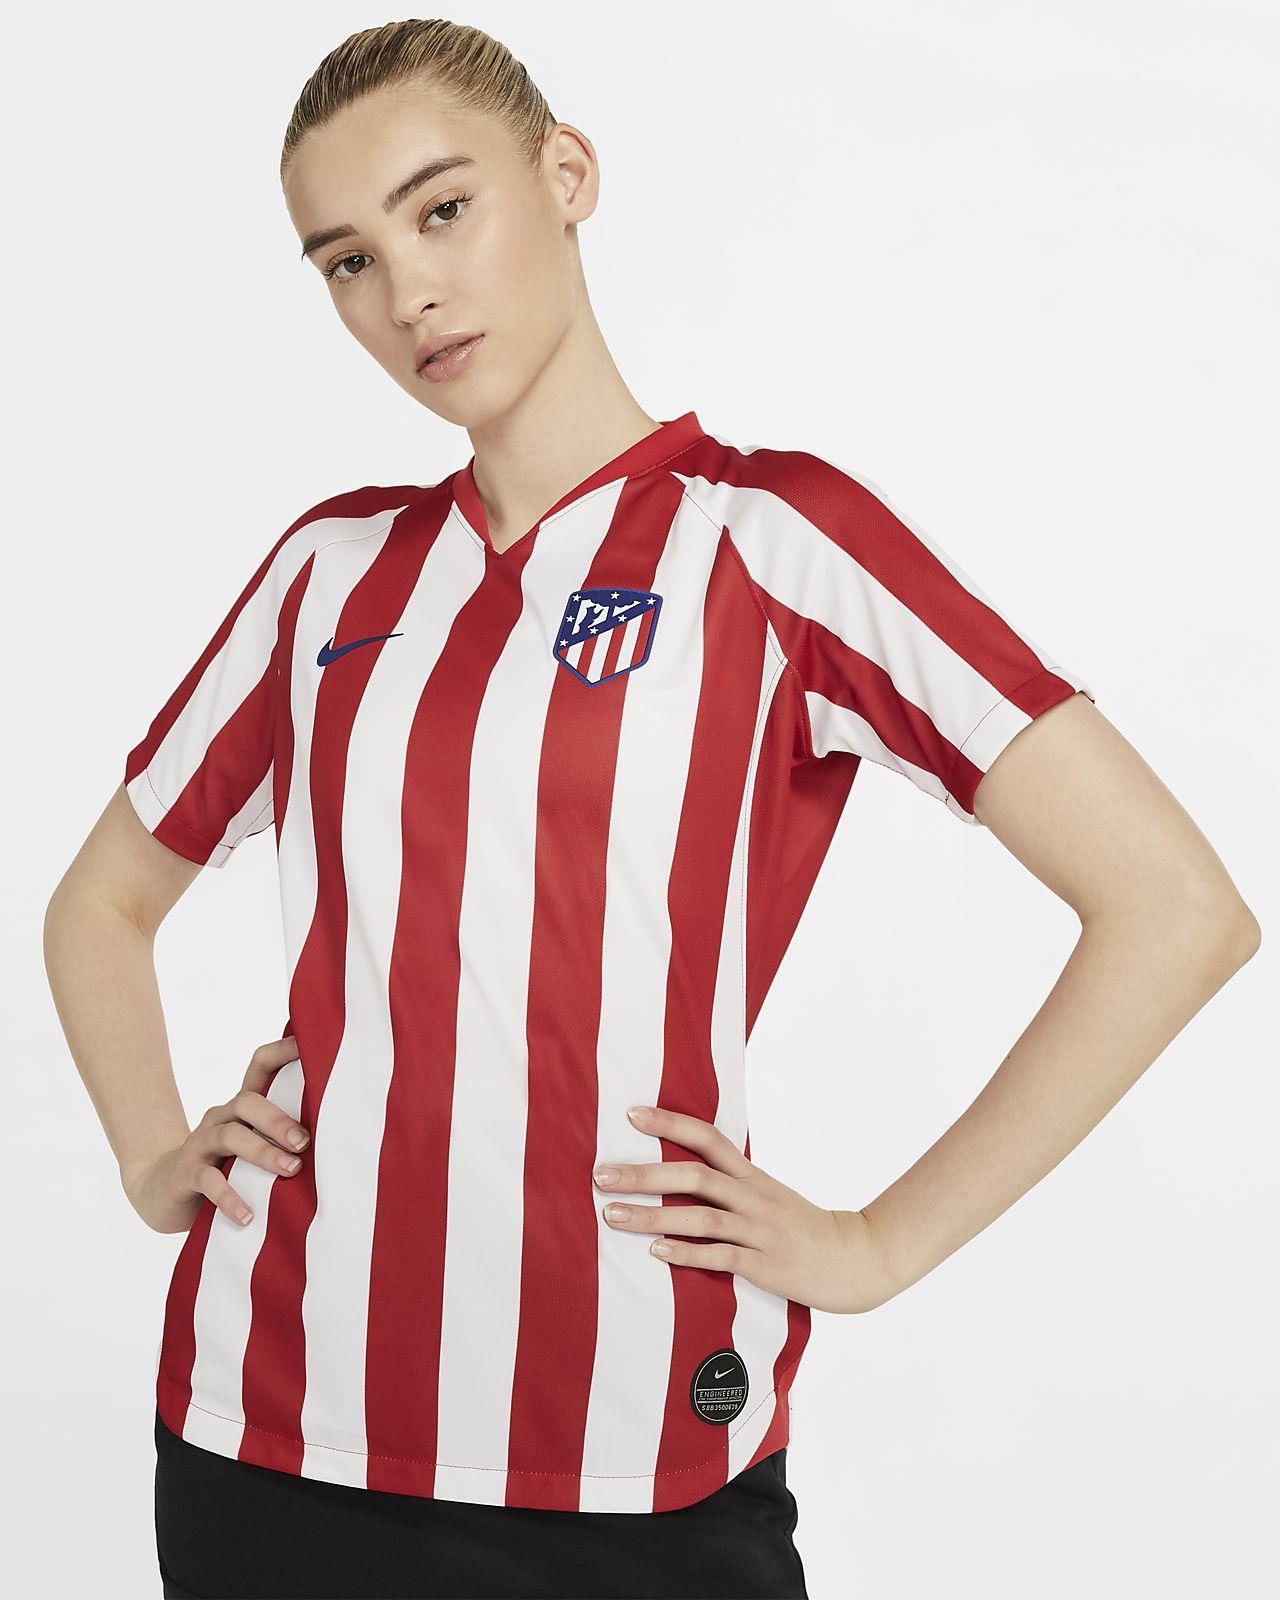 Atlético de Madrid 2019/20 Stadium Home Damen-Fußballtrikot